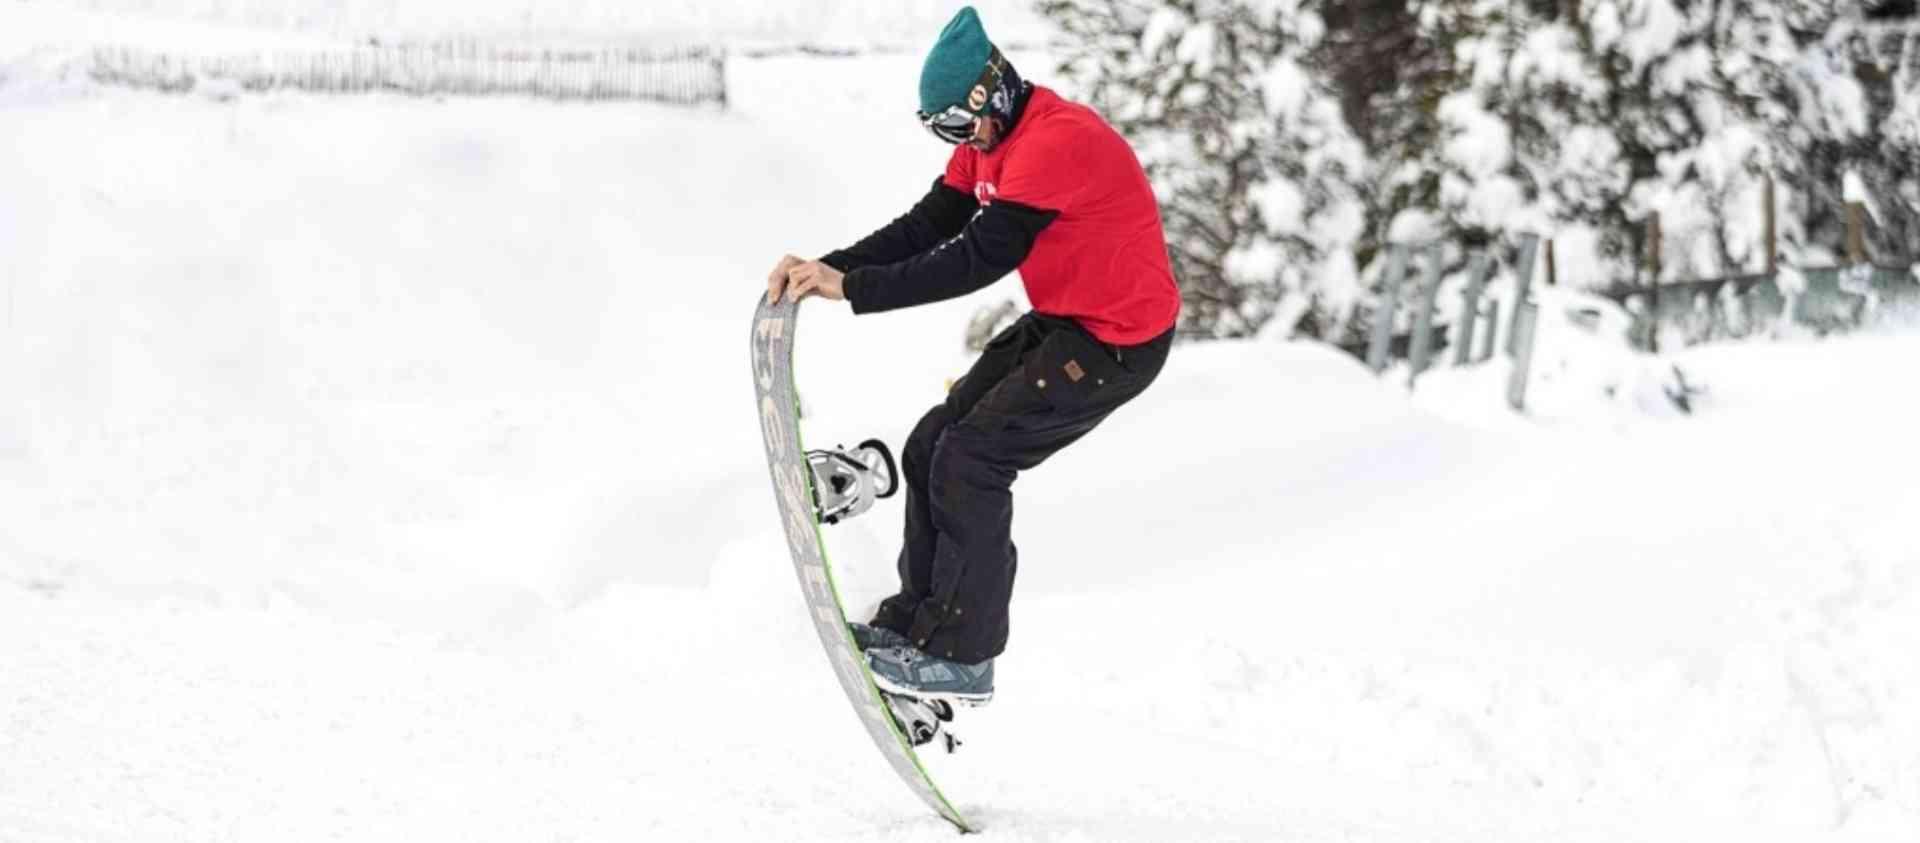 Miki testando snowboard ecológico BeXtreme